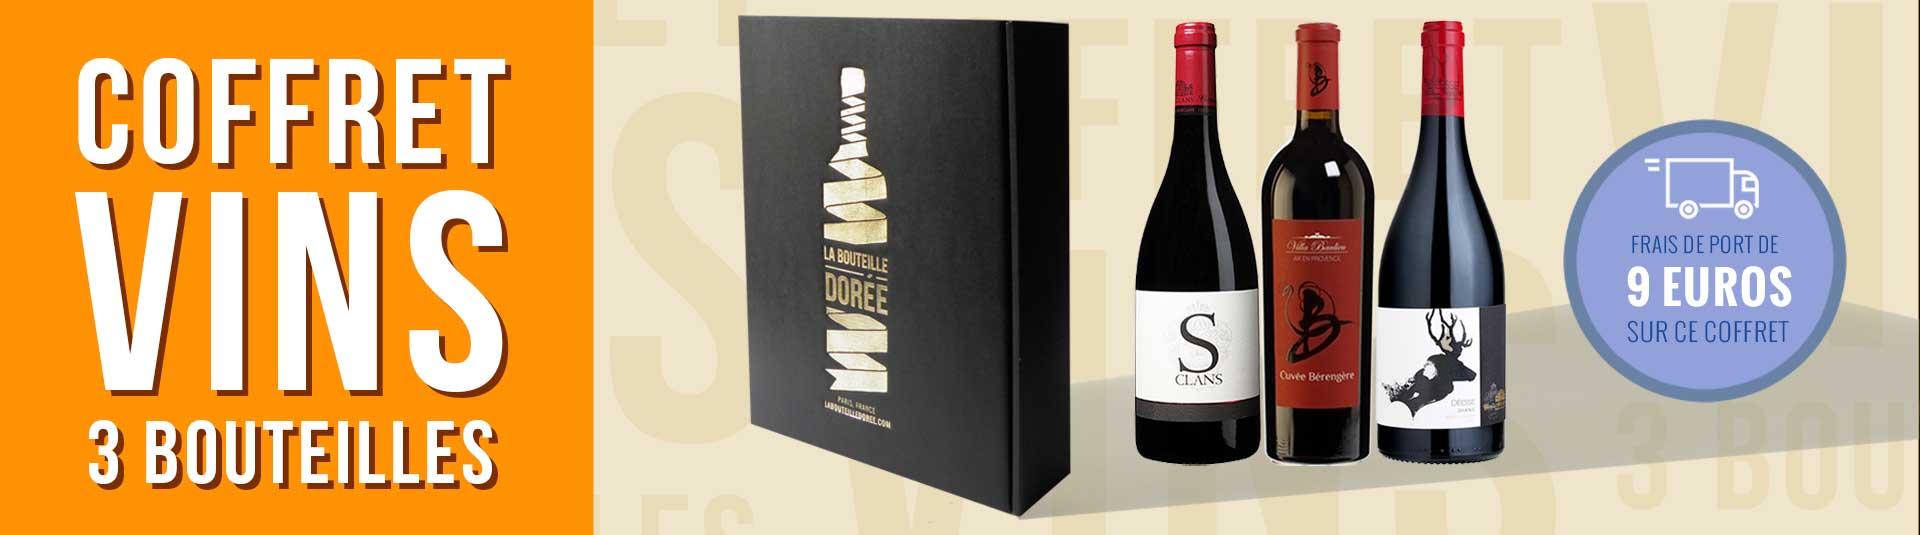 Coffret vin 3 bouteilles Côtes-de-Provence Rouge